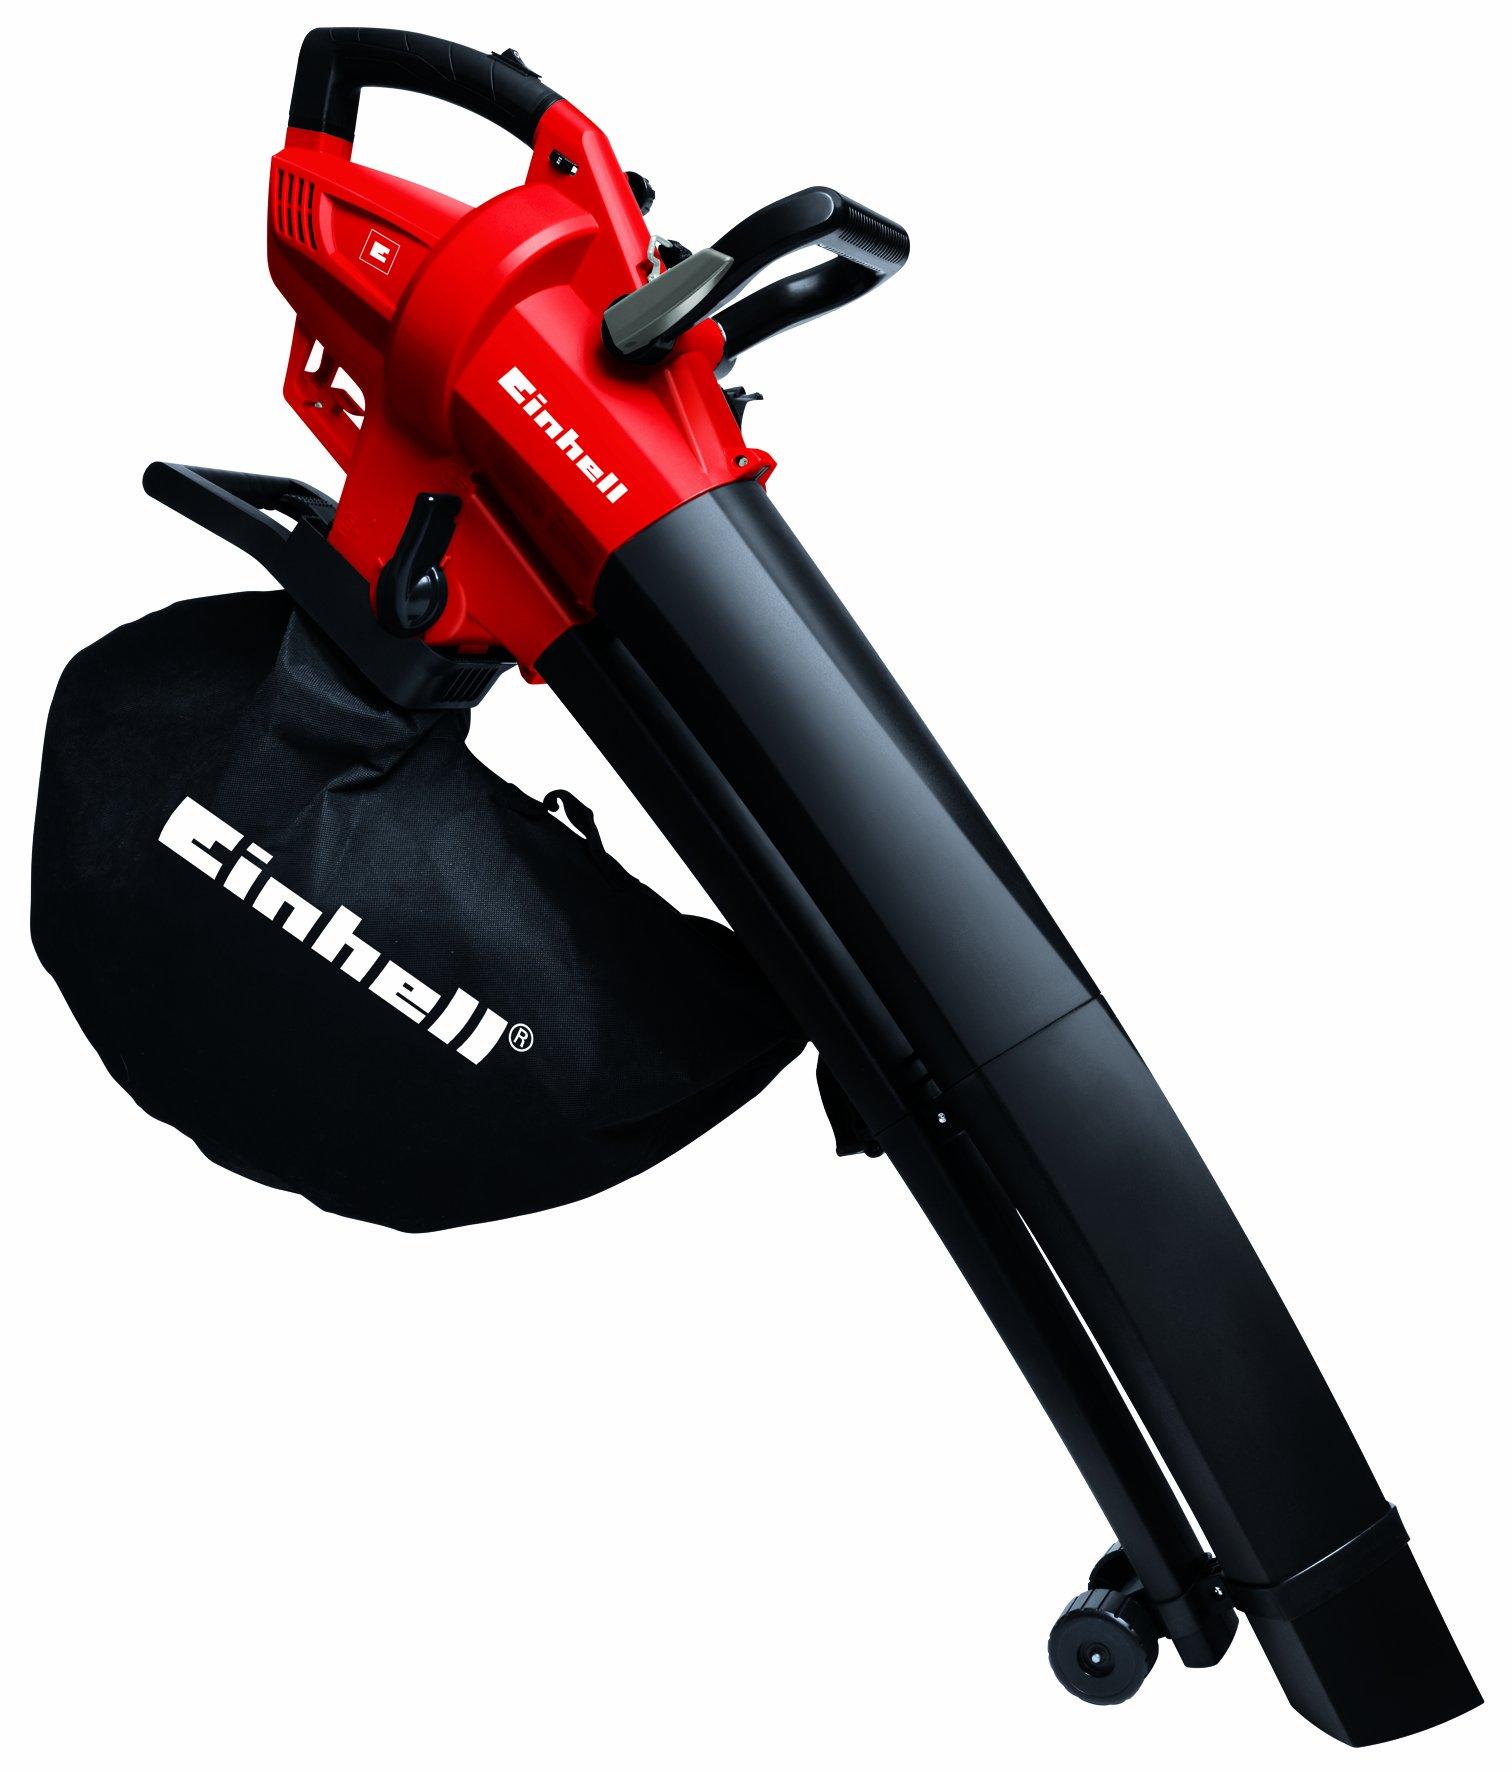 Einhell Elektro-Laubsauger/Laubbläser GC-EL 2600 E, bis 270 km/h, 45 l Fangsack, Tragegurt